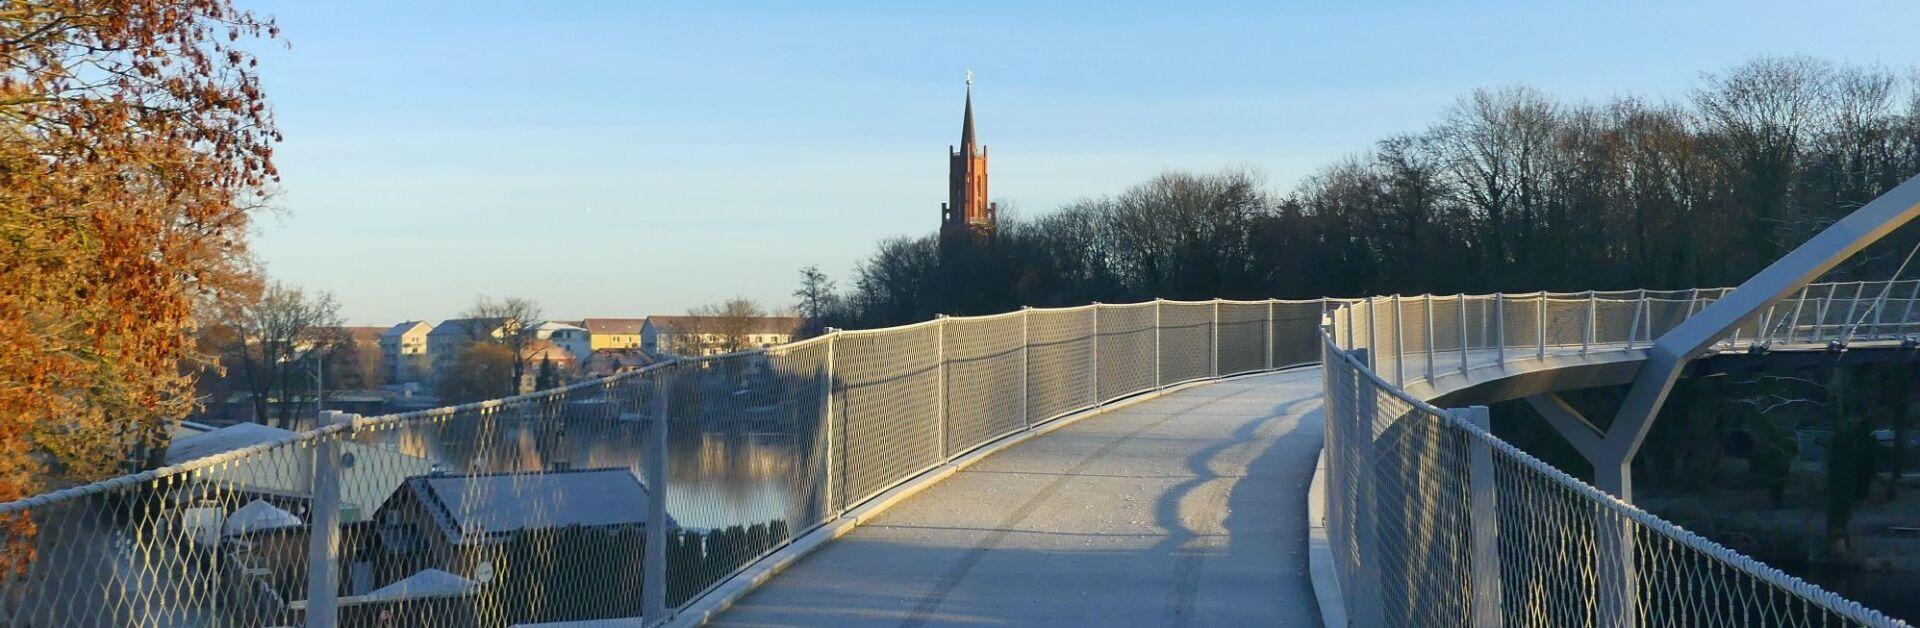 Weinbergbrücke mit Blick auf die Sankt Marien Andreas-Kirche (c) Stefan Nitsche